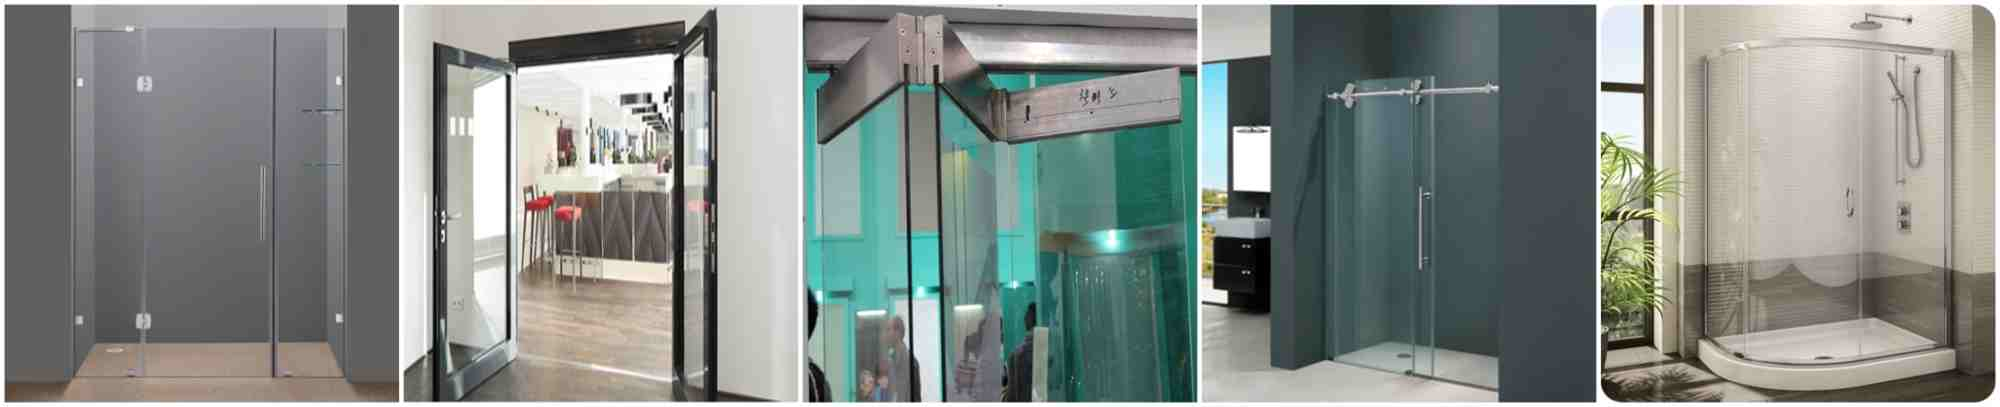 glass door 7